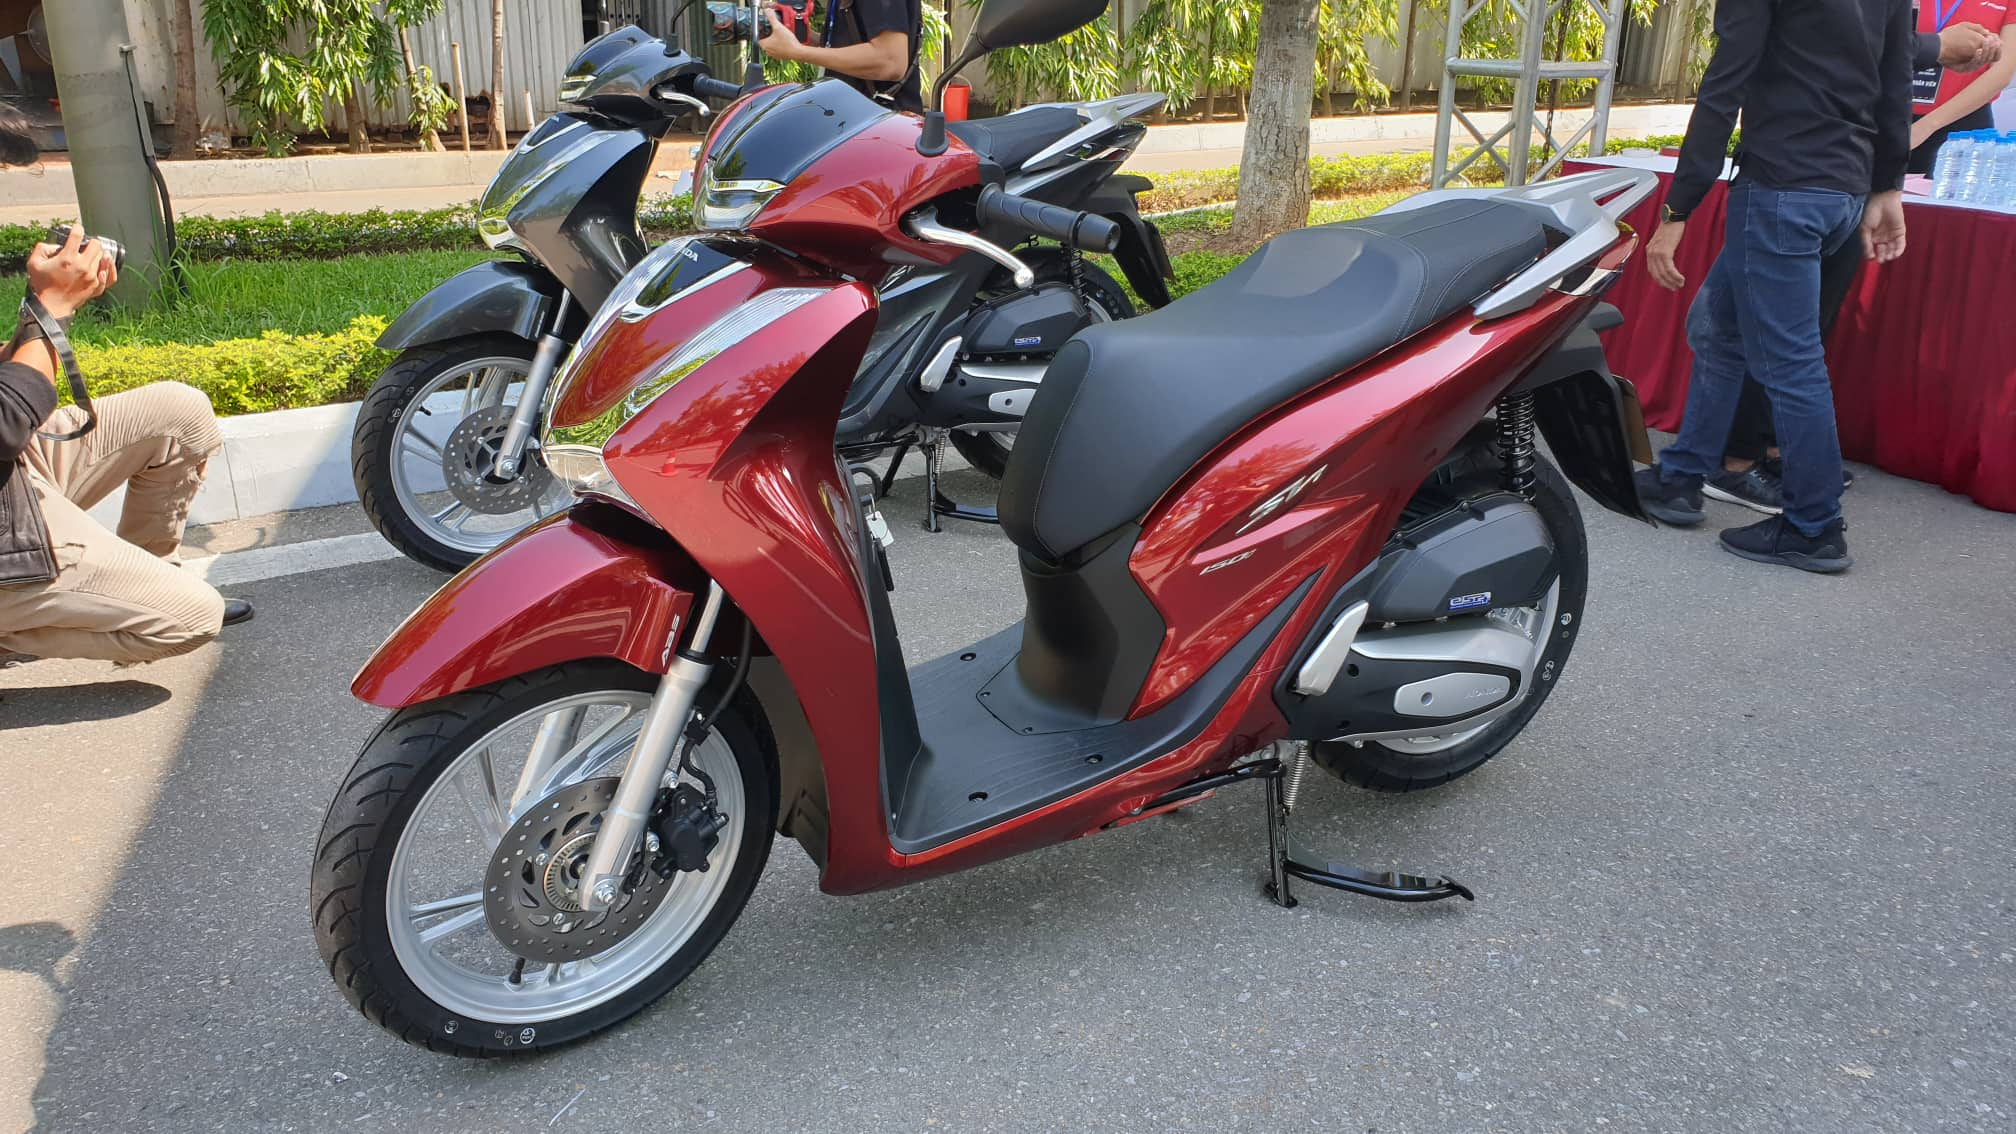 Honda công bố ngày chính thức bán SH 150i 2020 tại Việt Nam - 3